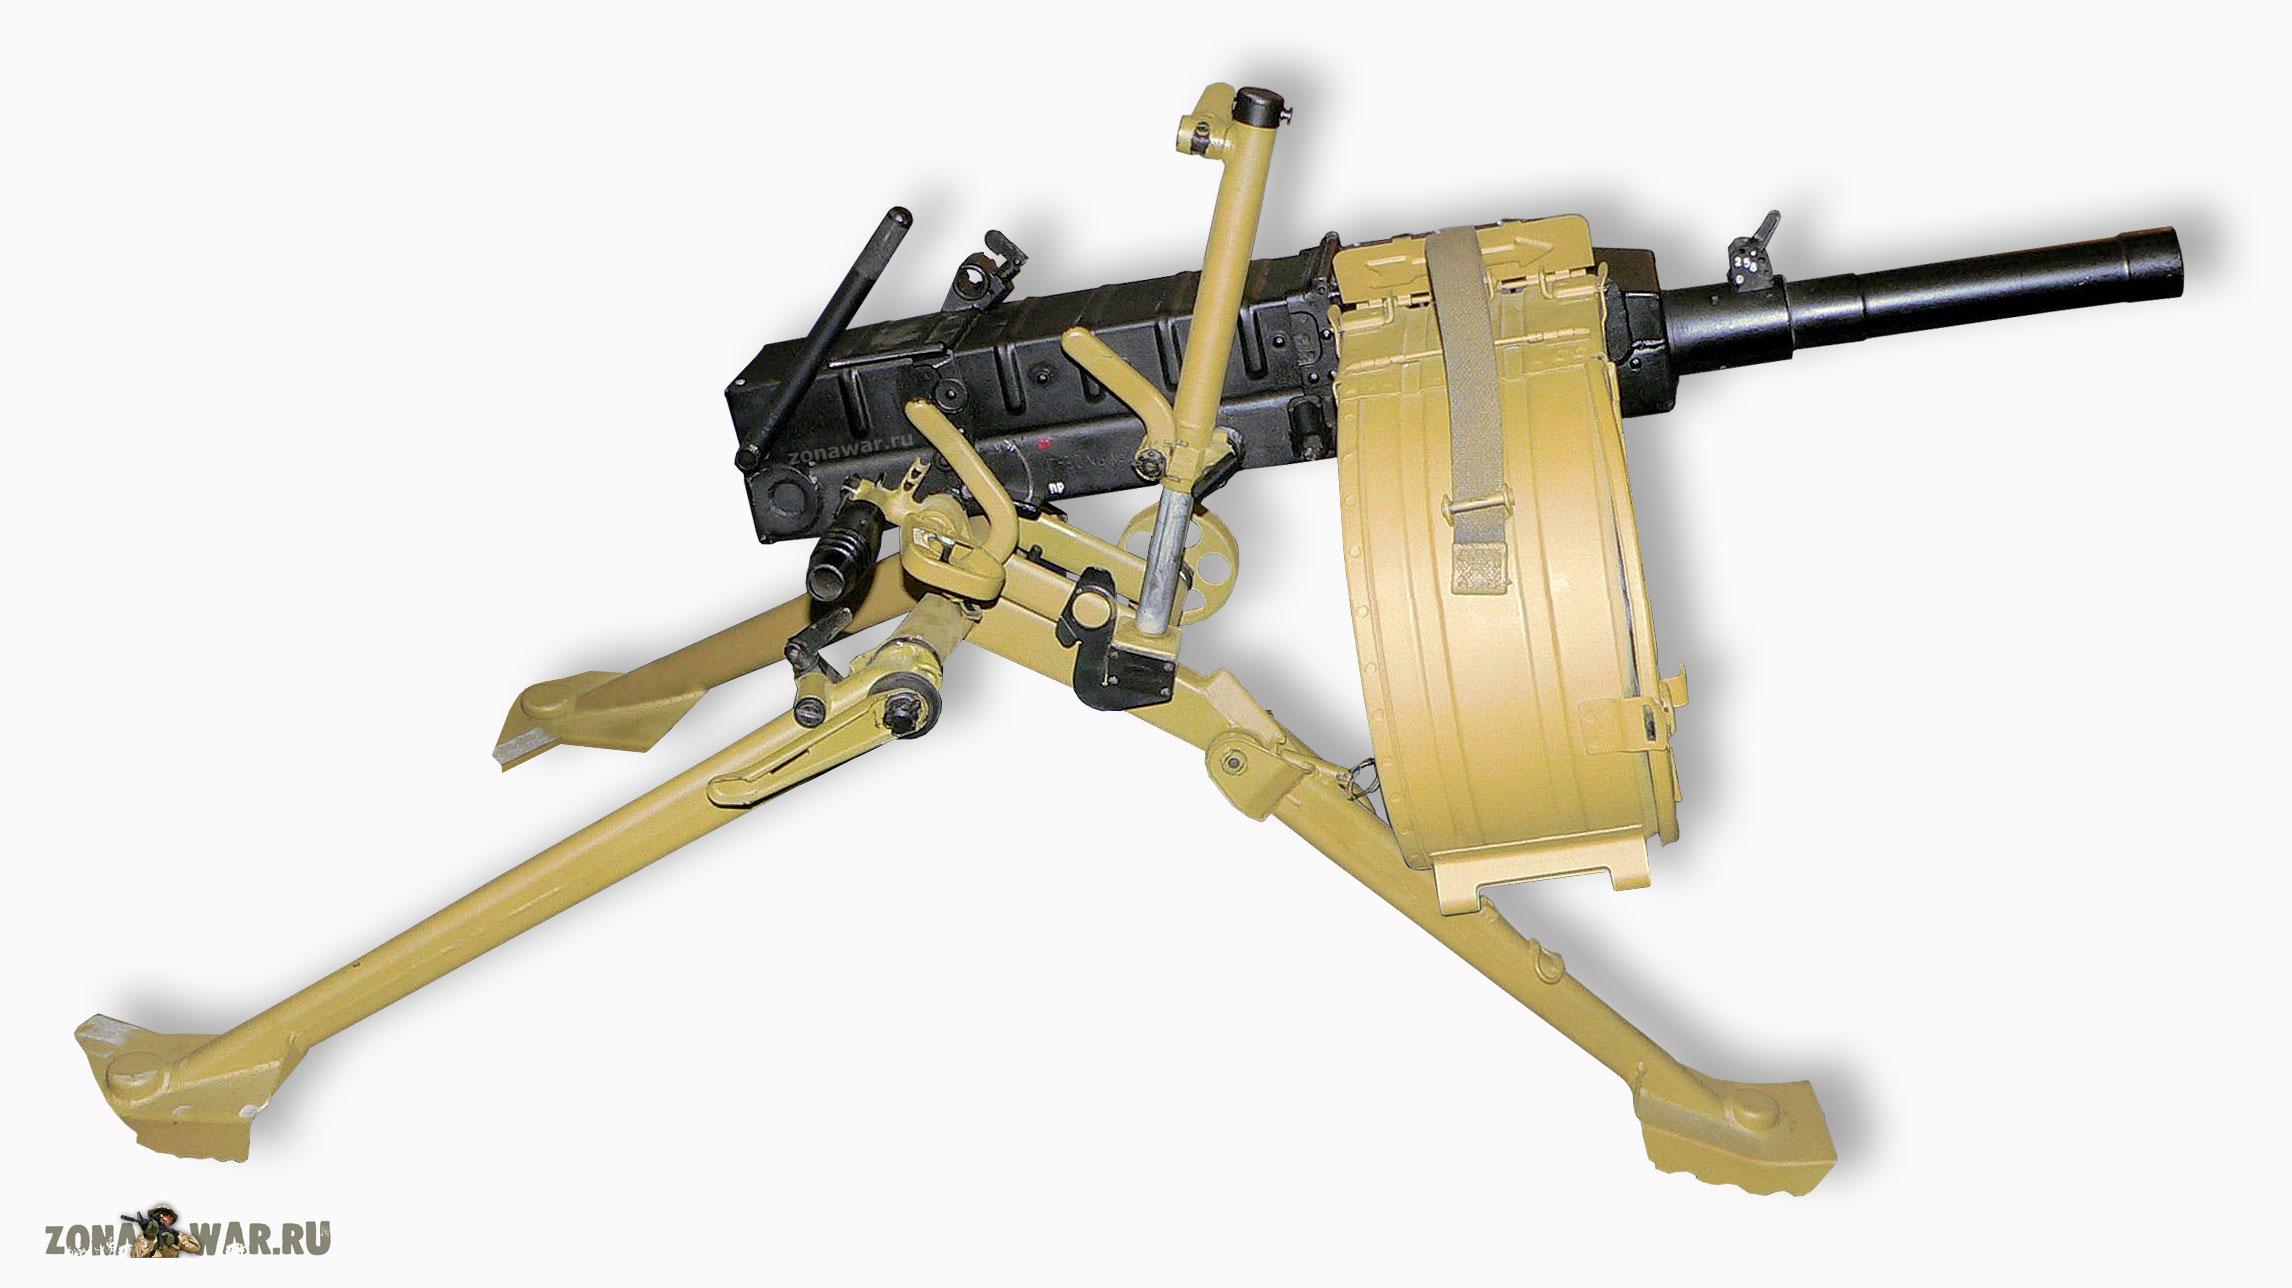 Автоматический станковый гранатомет АГС-30